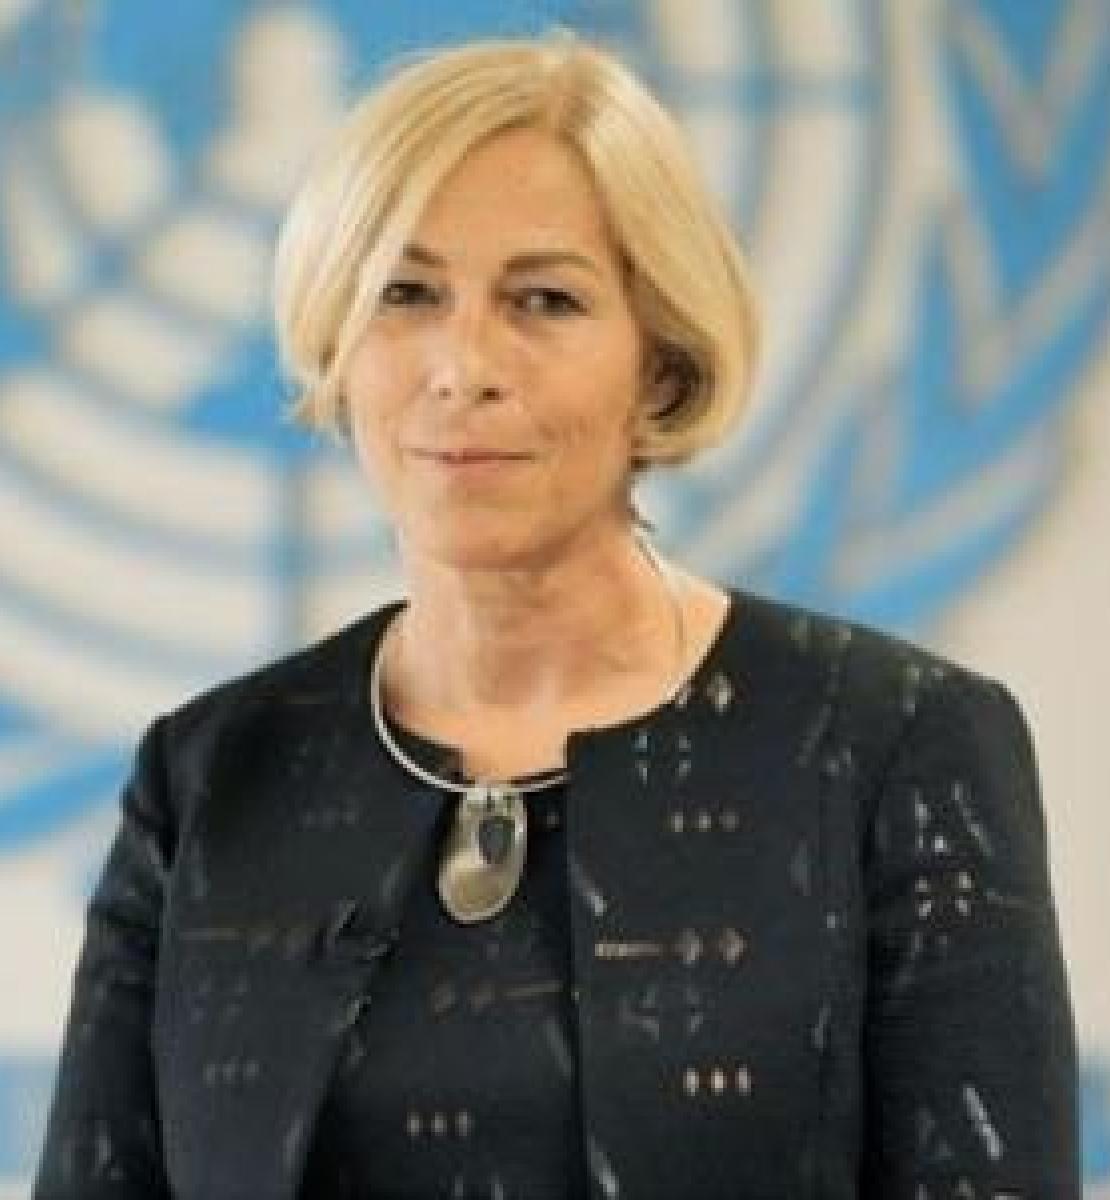 Foto oficial de la nueva Coordinadora Residente designada para Albania, Fiona McCluney.